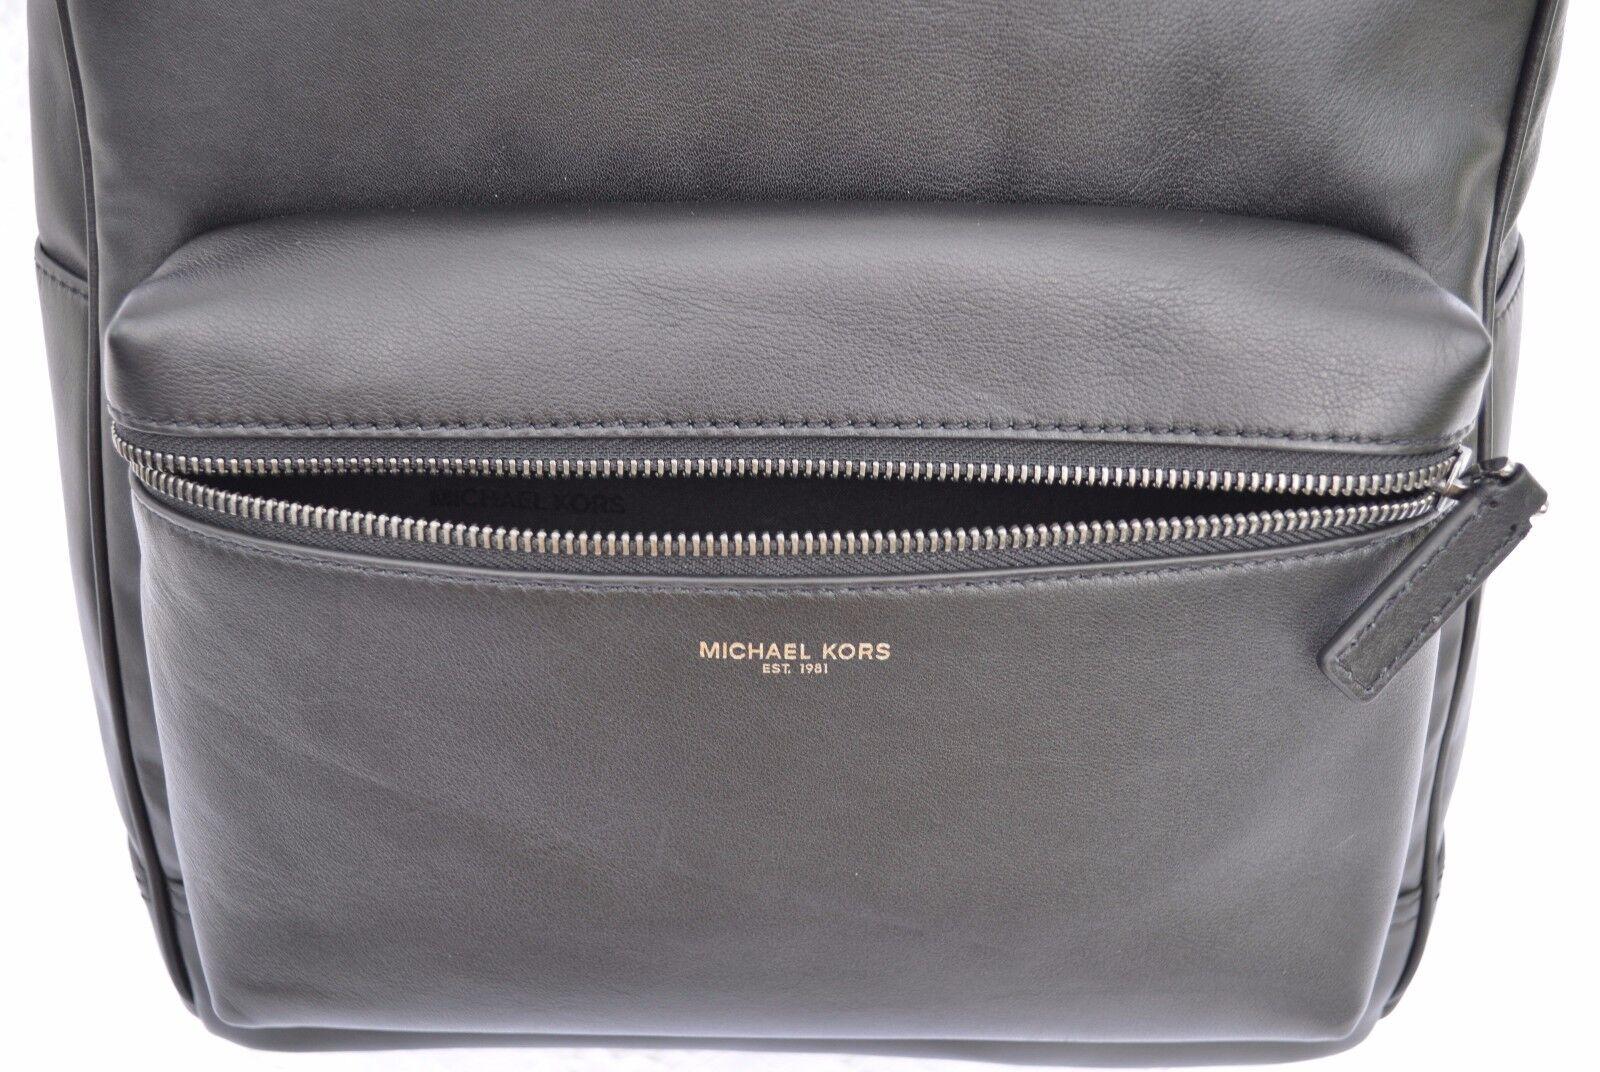 b239283b7e3e Michael Kors Men's Dylan Milled Italian Soft Leather Backpack Black for  sale online | eBay